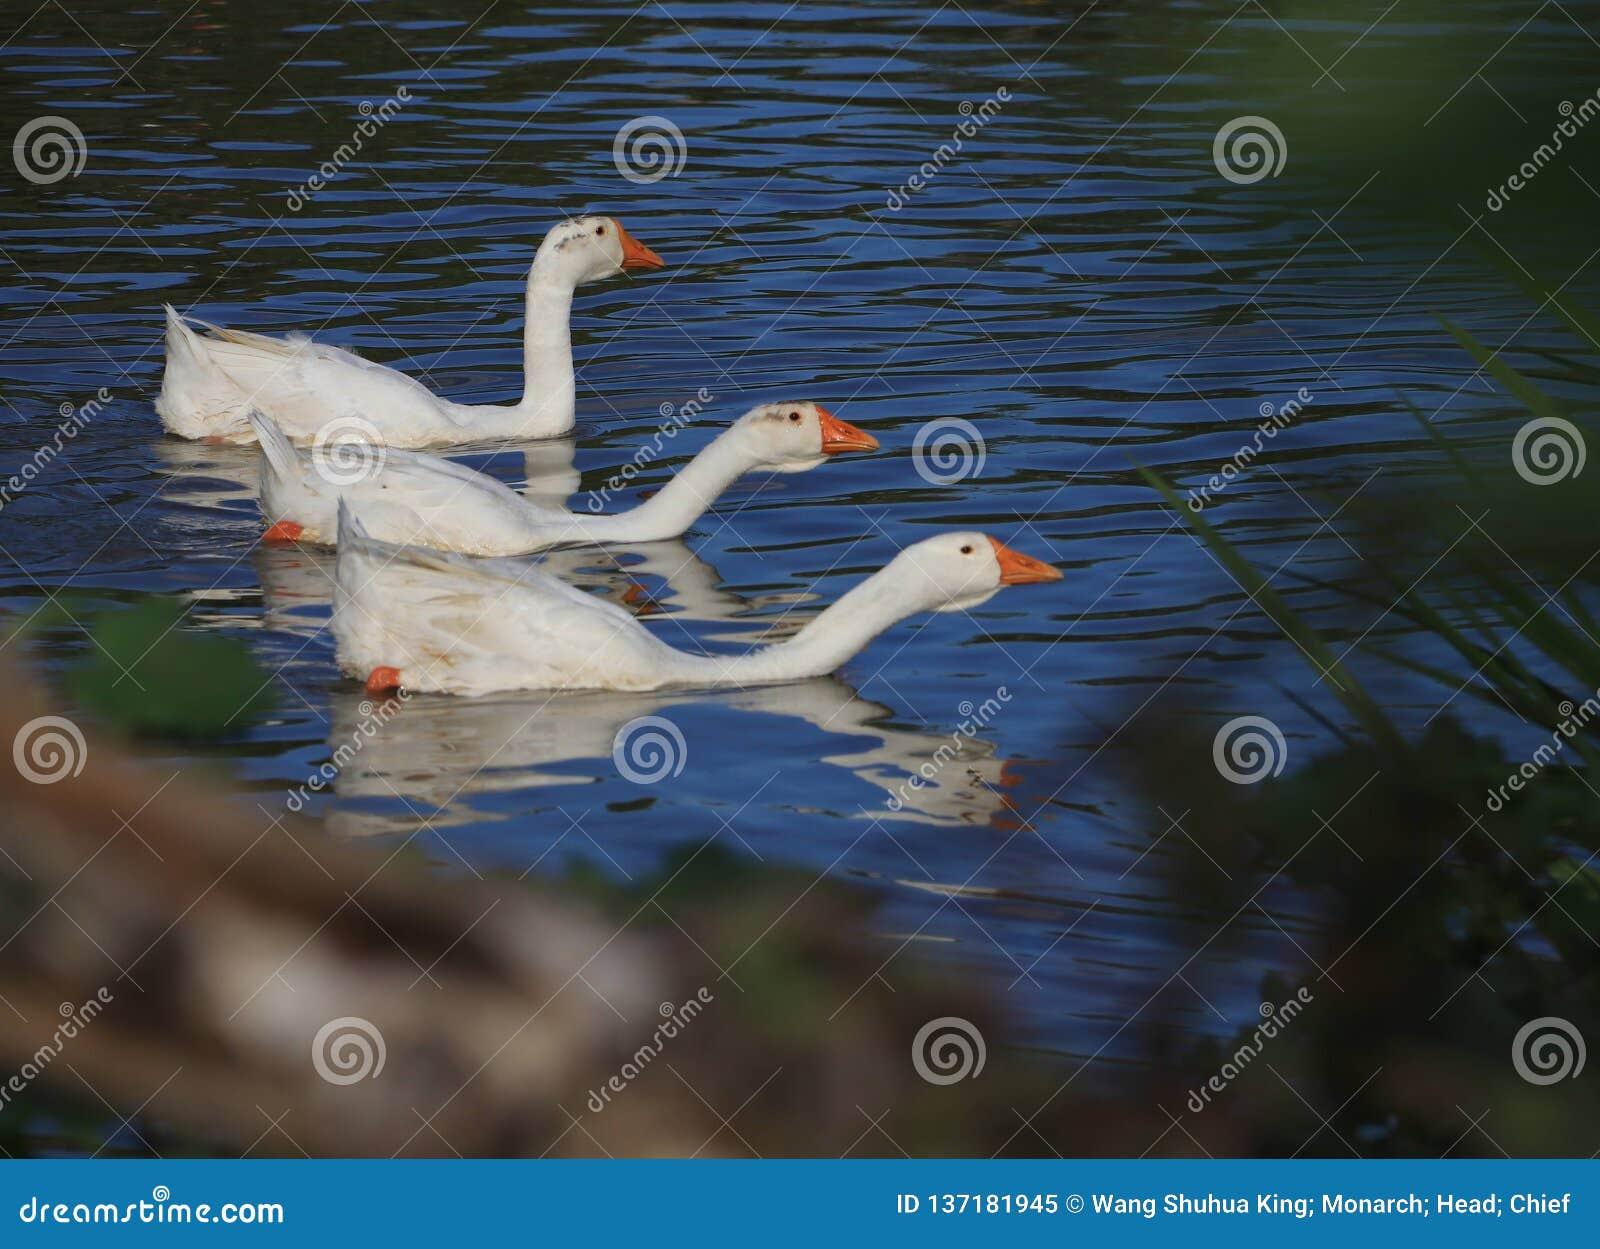 Goose; goosey; goosie